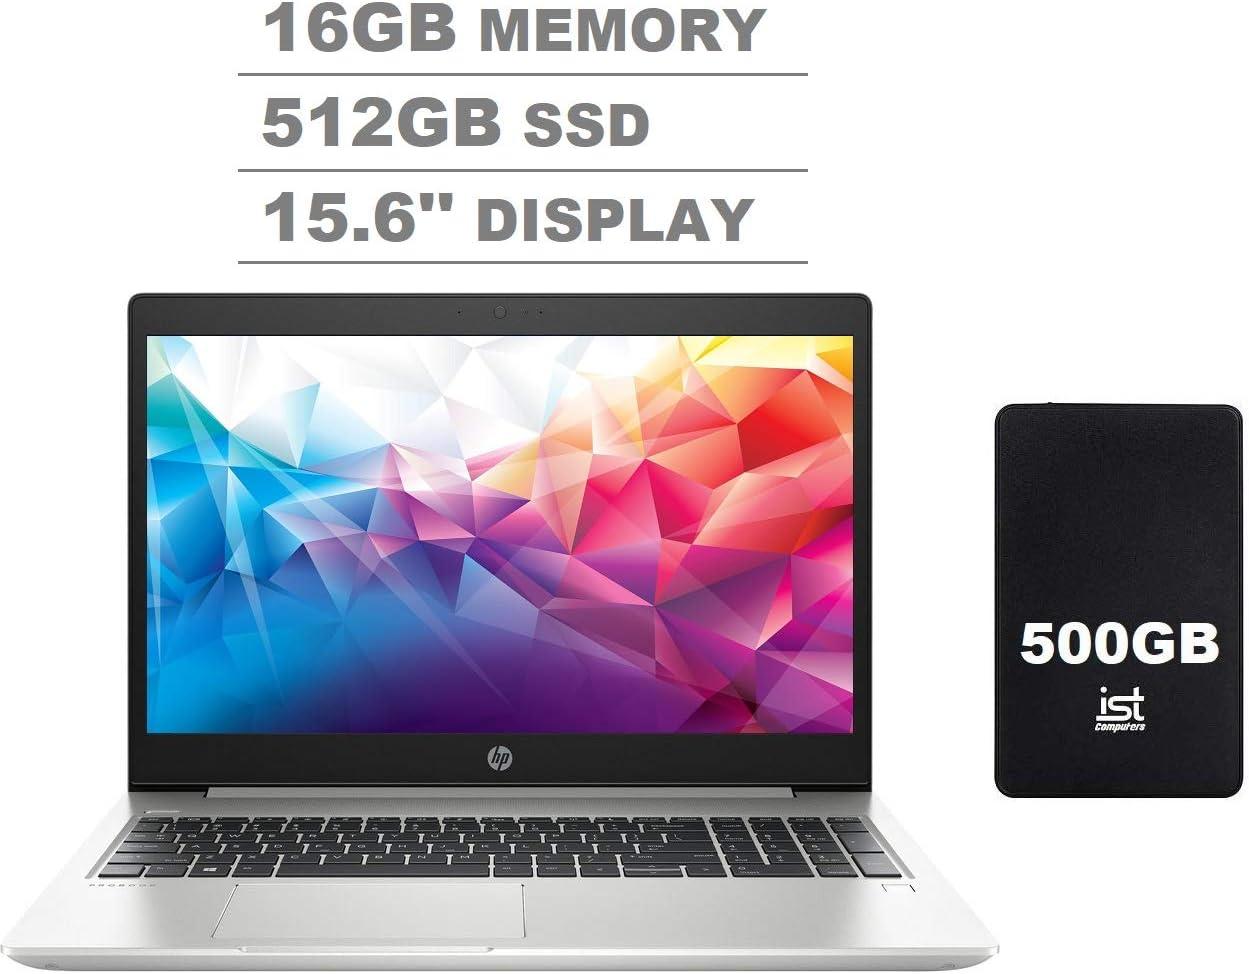 """2020 HP Probook 450 G6 15.6"""" HD Anti-Glare Business Laptop (Intel Quad-Core i5-8265U, 16GB DDR4 Memory, 512GB SSD) Type-C, HDMI 1.4b, RJ-45, Windows 10 Pro 64-bit + IST 500GB Portable Hard Drive"""